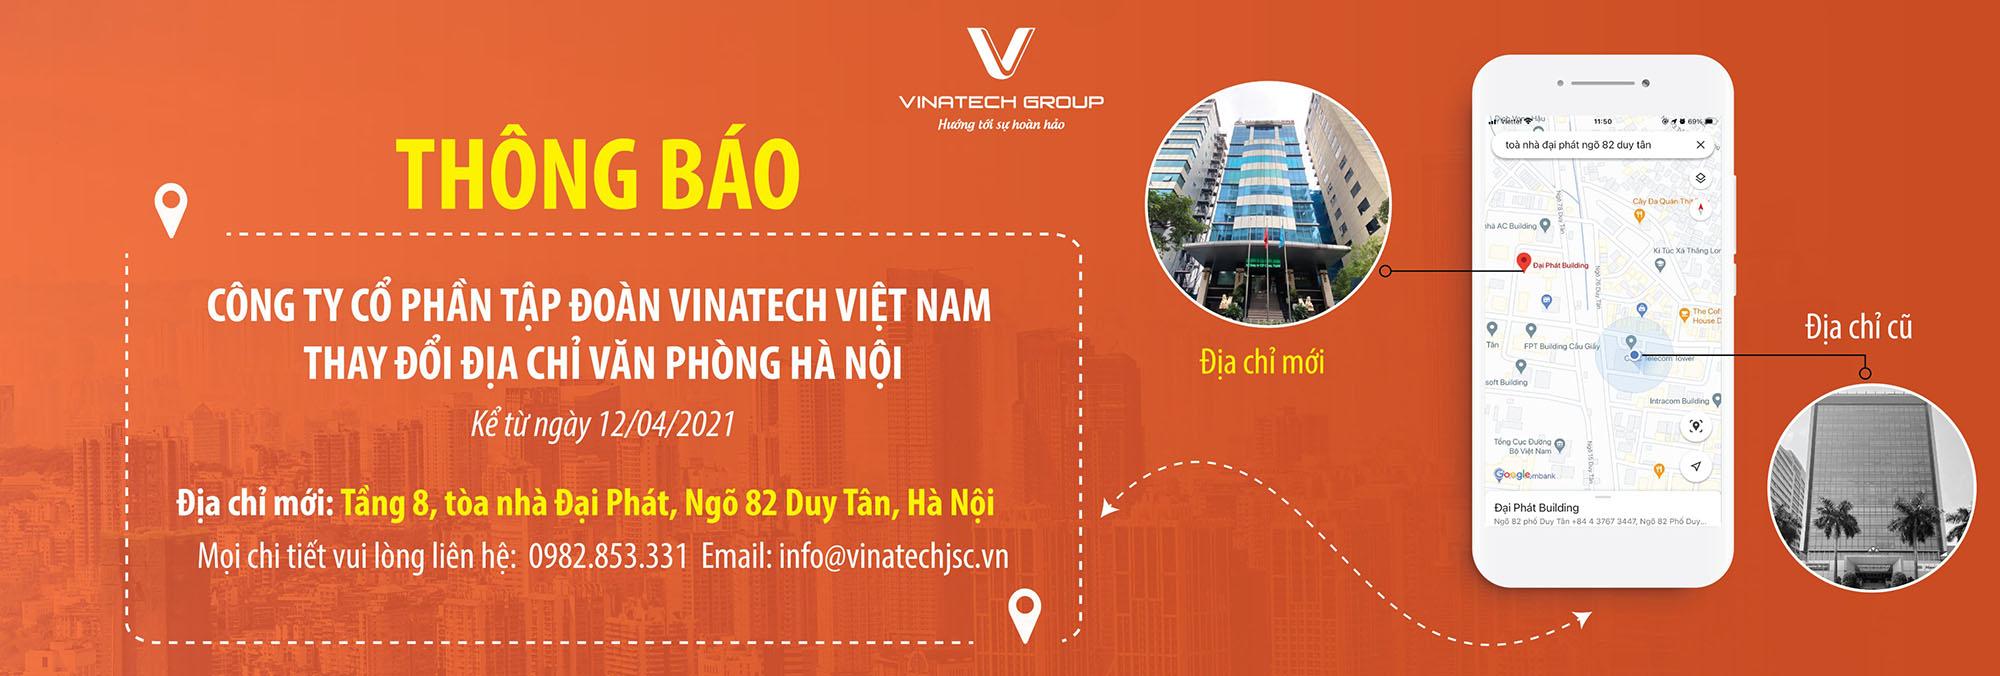 Thông báo chuyển văn phòng Hà Nội